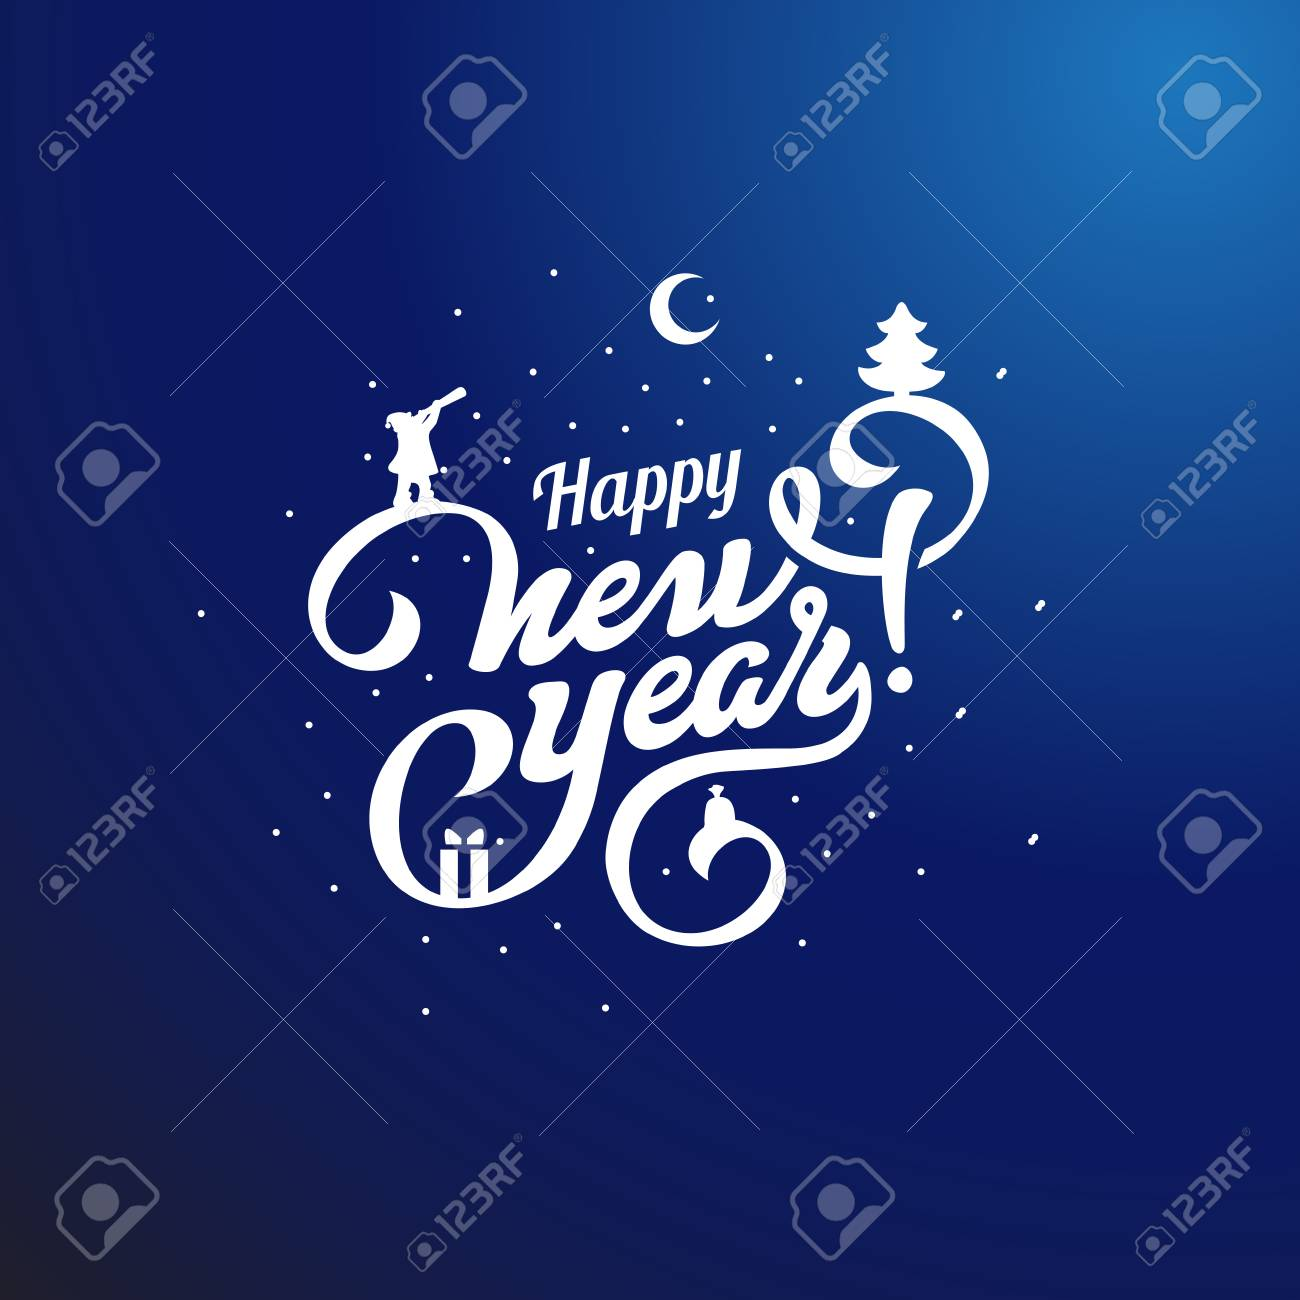 Feliz Año Nuevo Texto Letras Vector Composición Caligráfica ...